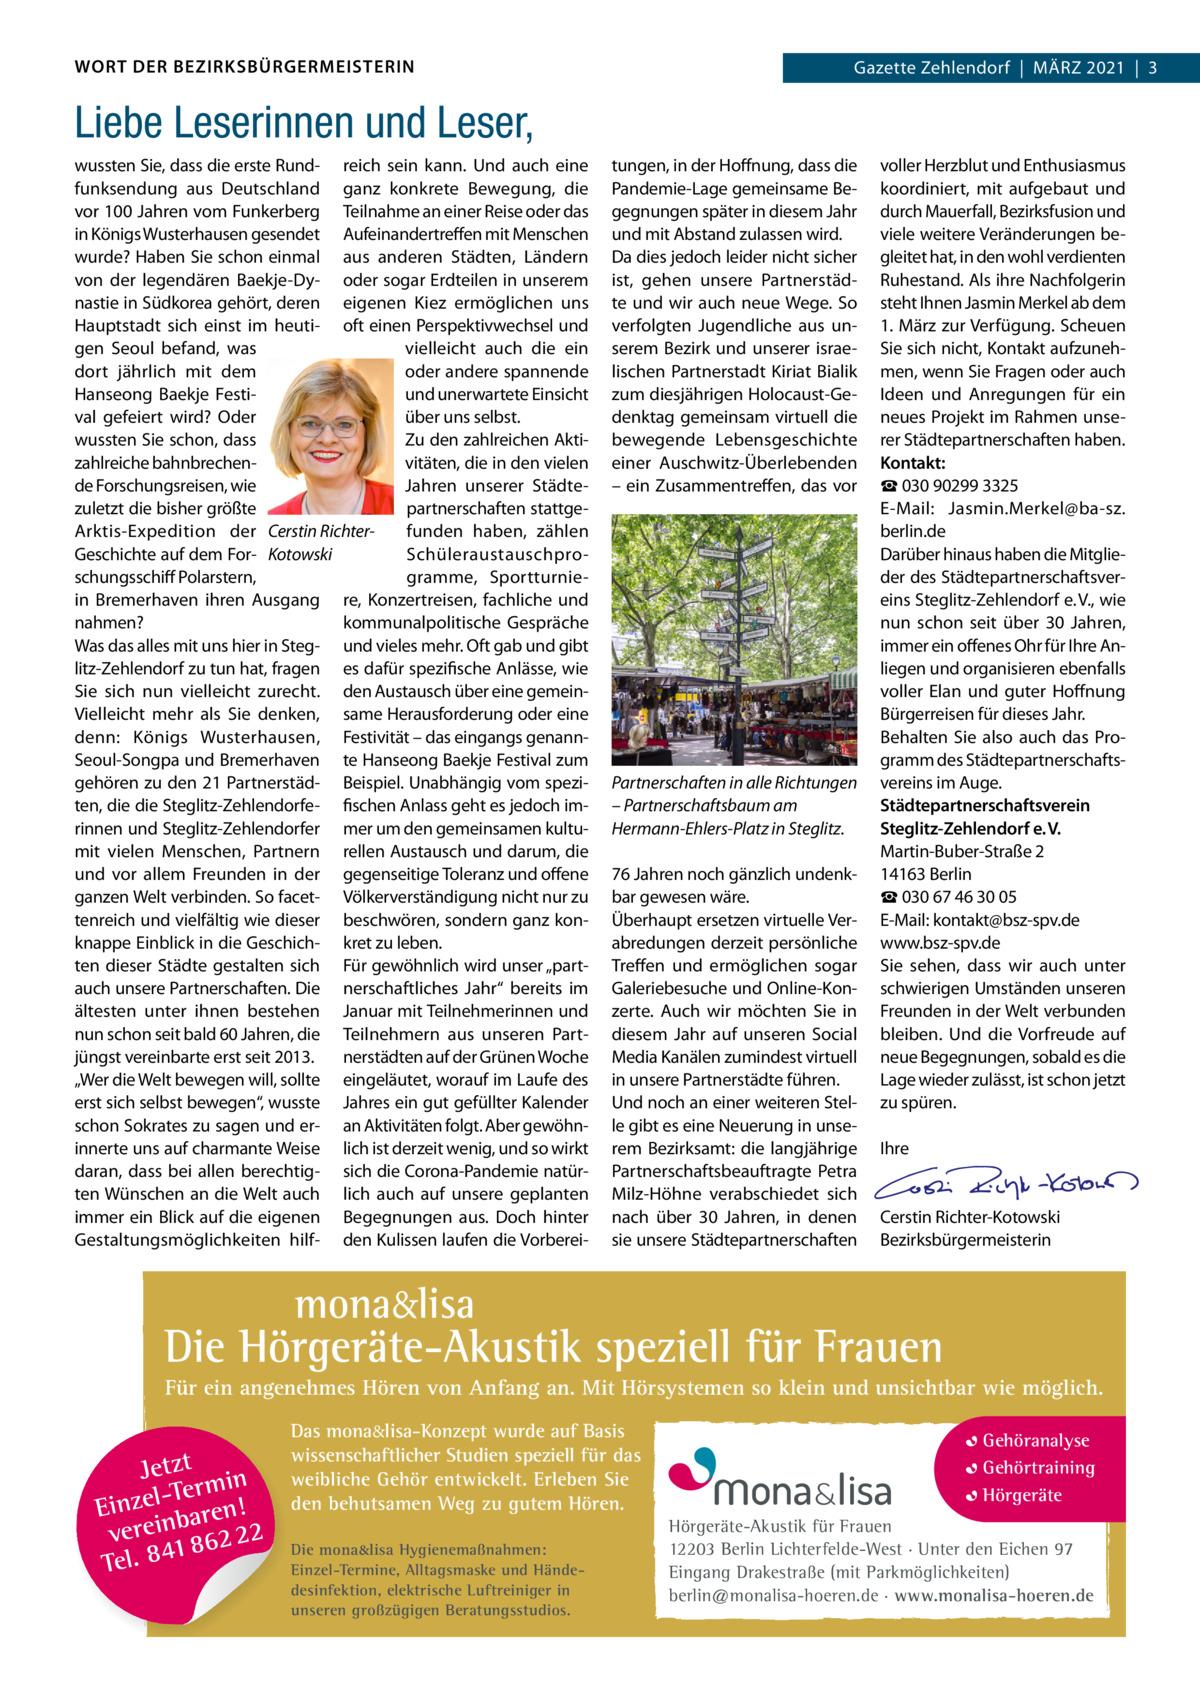 WORT DER BEZIRKSBÜRGERMEISTERIN  Gazette Zehlendorf|März Zehlendorf|MäRZ 2021|1 2021|3  Liebe Leserinnen und Leser, wussten Sie, dass die erste Rund- reich sein kann. Und auch eine funksendung aus Deutschland ganz konkrete Bewegung, die vor 100Jahren vom Funkerberg Teilnahme an einer Reise oder das in Königs Wusterhausen gesendet Aufeinandertreffen mit Menschen wurde? Haben Sie schon einmal aus anderen Städten, Ländern von der legendären Baekje-Dy- oder sogar Erdteilen in unserem nastie in Südkorea gehört, deren eigenen Kiez ermöglichen uns Hauptstadt sich einst im heuti- oft einen Perspektivwechsel und vielleicht auch die ein gen Seoul befand, was oder andere spannende dort jährlich mit dem und unerwartete Einsicht Hanseong Baekje Festiüber uns selbst. val gefeiert wird? Oder wussten Sie schon, dass Zu den zahlreichen Aktizahlreiche bahnbrechenvitäten, die in den vielen de Forschungsreisen, wie Jahren unserer Städtezuletzt die bisher größte partnerschaften stattgeArktis-Expedition der Cerstin Richterfunden haben, zählen Geschichte auf dem For- Kotowski Schüleraustauschproschungsschiff Polarstern, gramme, Sportturniein Bremerhaven ihren Ausgang re, Konzertreisen, fachliche und nahmen? kommunalpolitische Gespräche Was das alles mit uns hier in Steg- und vieles mehr. Oft gab und gibt litz-Zehlendorf zu tun hat, fragen es dafür spezifische Anlässe, wie Sie sich nun vielleicht zurecht. den Austausch über eine gemeinVielleicht mehr als Sie denken, same Herausforderung oder eine denn: Königs Wusterhausen, Festivität – das eingangs genannSeoul-Songpa und Bremerhaven te Hanseong Baekje Festival zum gehören zu den 21Partnerstäd- Beispiel. Unabhängig vom speziten, die die Steglitz-Zehlendorfe- fischen Anlass geht es jedoch imrinnen und Steglitz-Zehlendorfer mer um den gemeinsamen kultumit vielen Menschen, Partnern rellen Austausch und darum, die und vor allem Freunden in der gegenseitige Toleranz und offene ganzen Welt verbinden. So facet- Völkerverständigung nicht nur zu ten